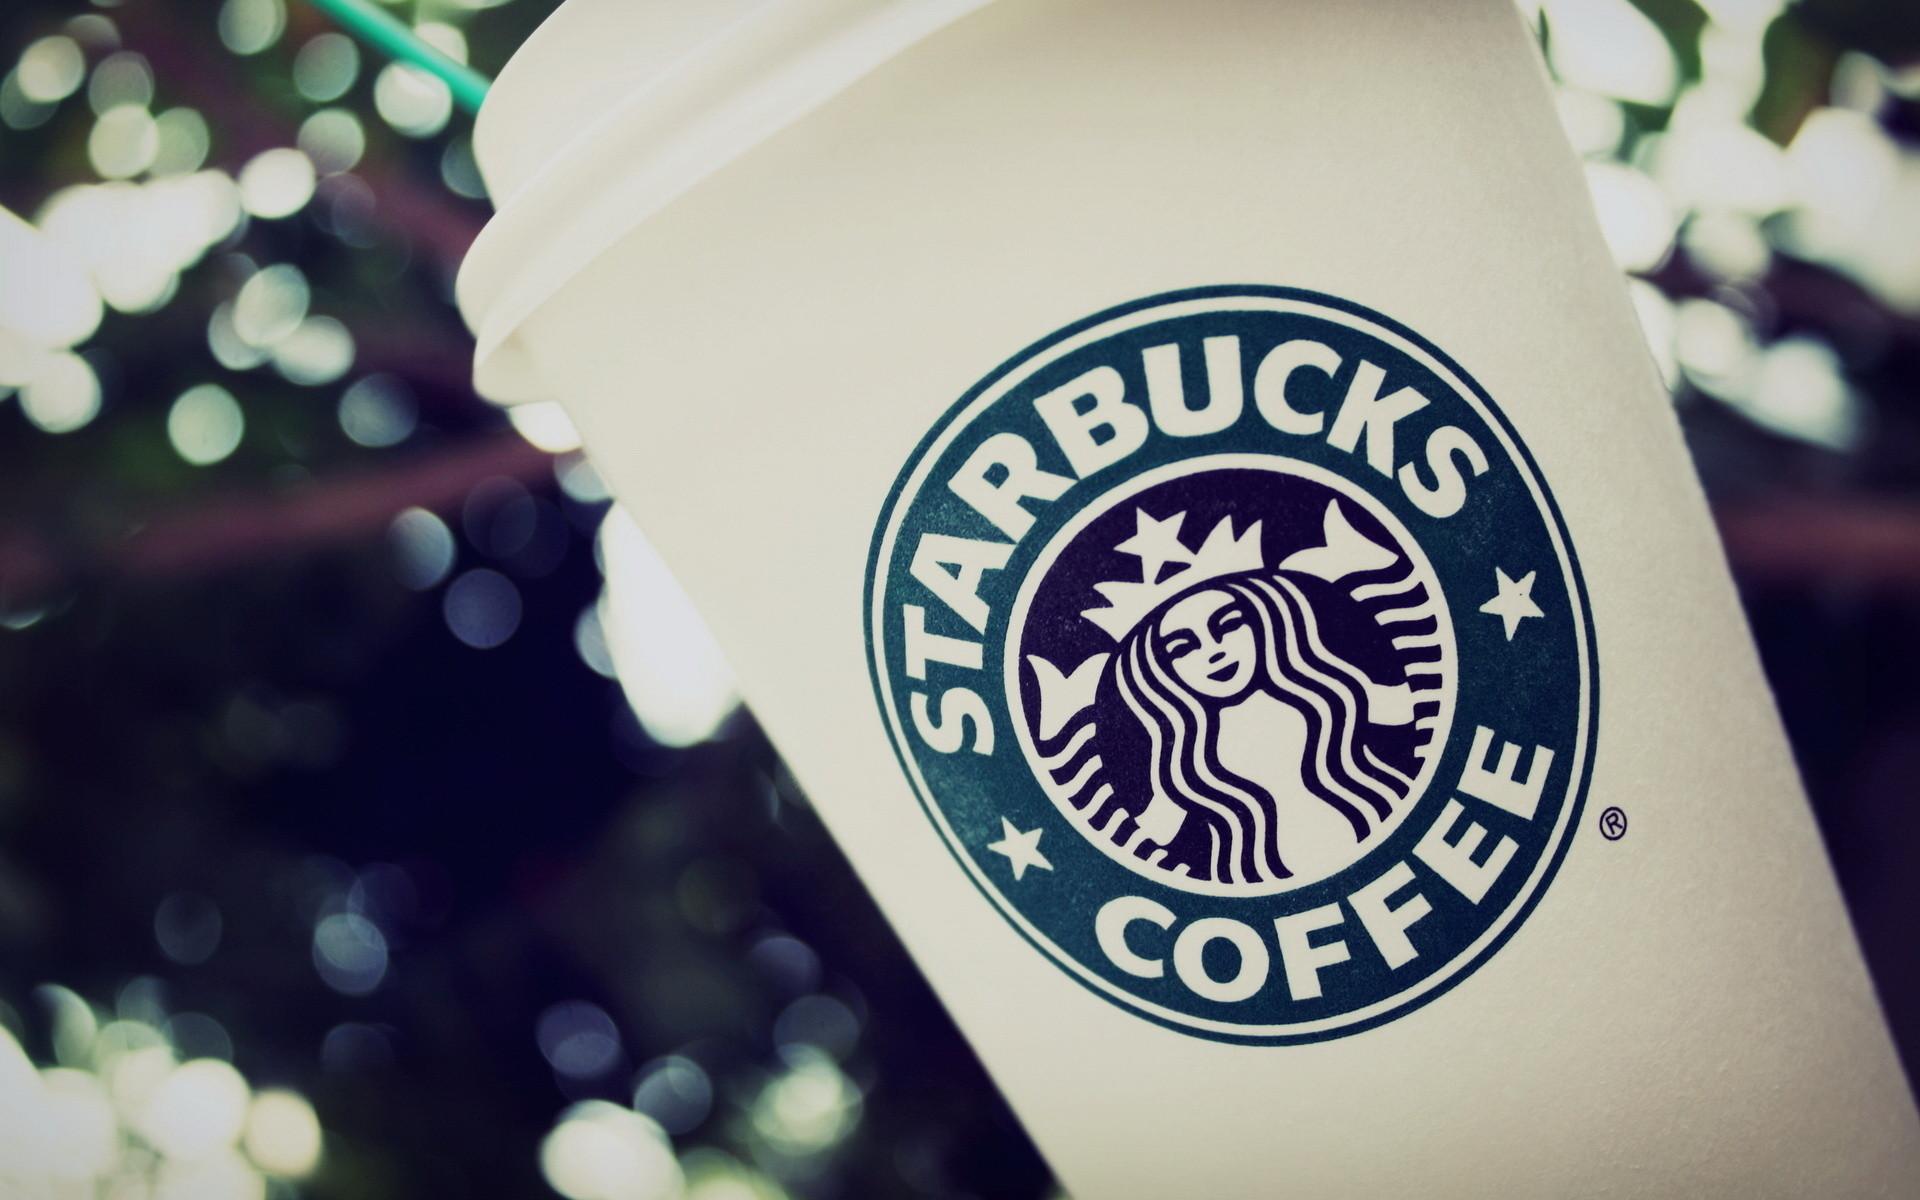 1920x1080 Cute Starbucks Wallpaper Tumblr HD